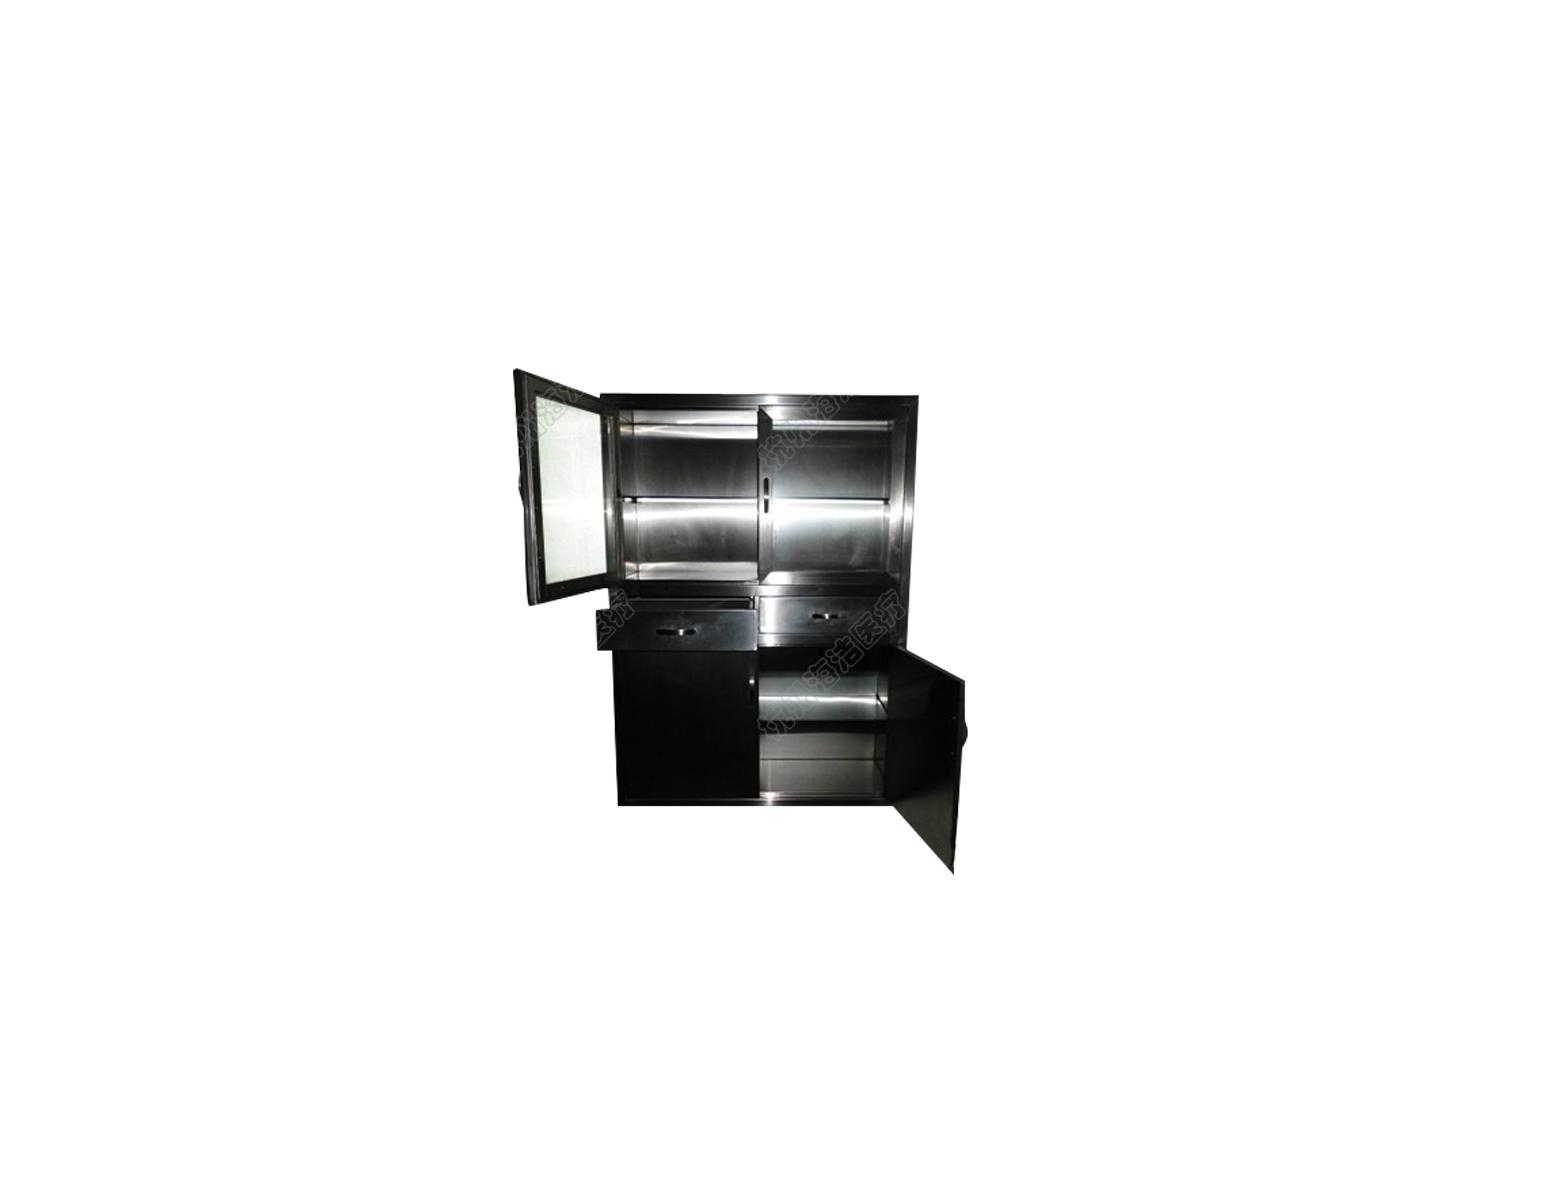 嵌入式不锈钢药品柜